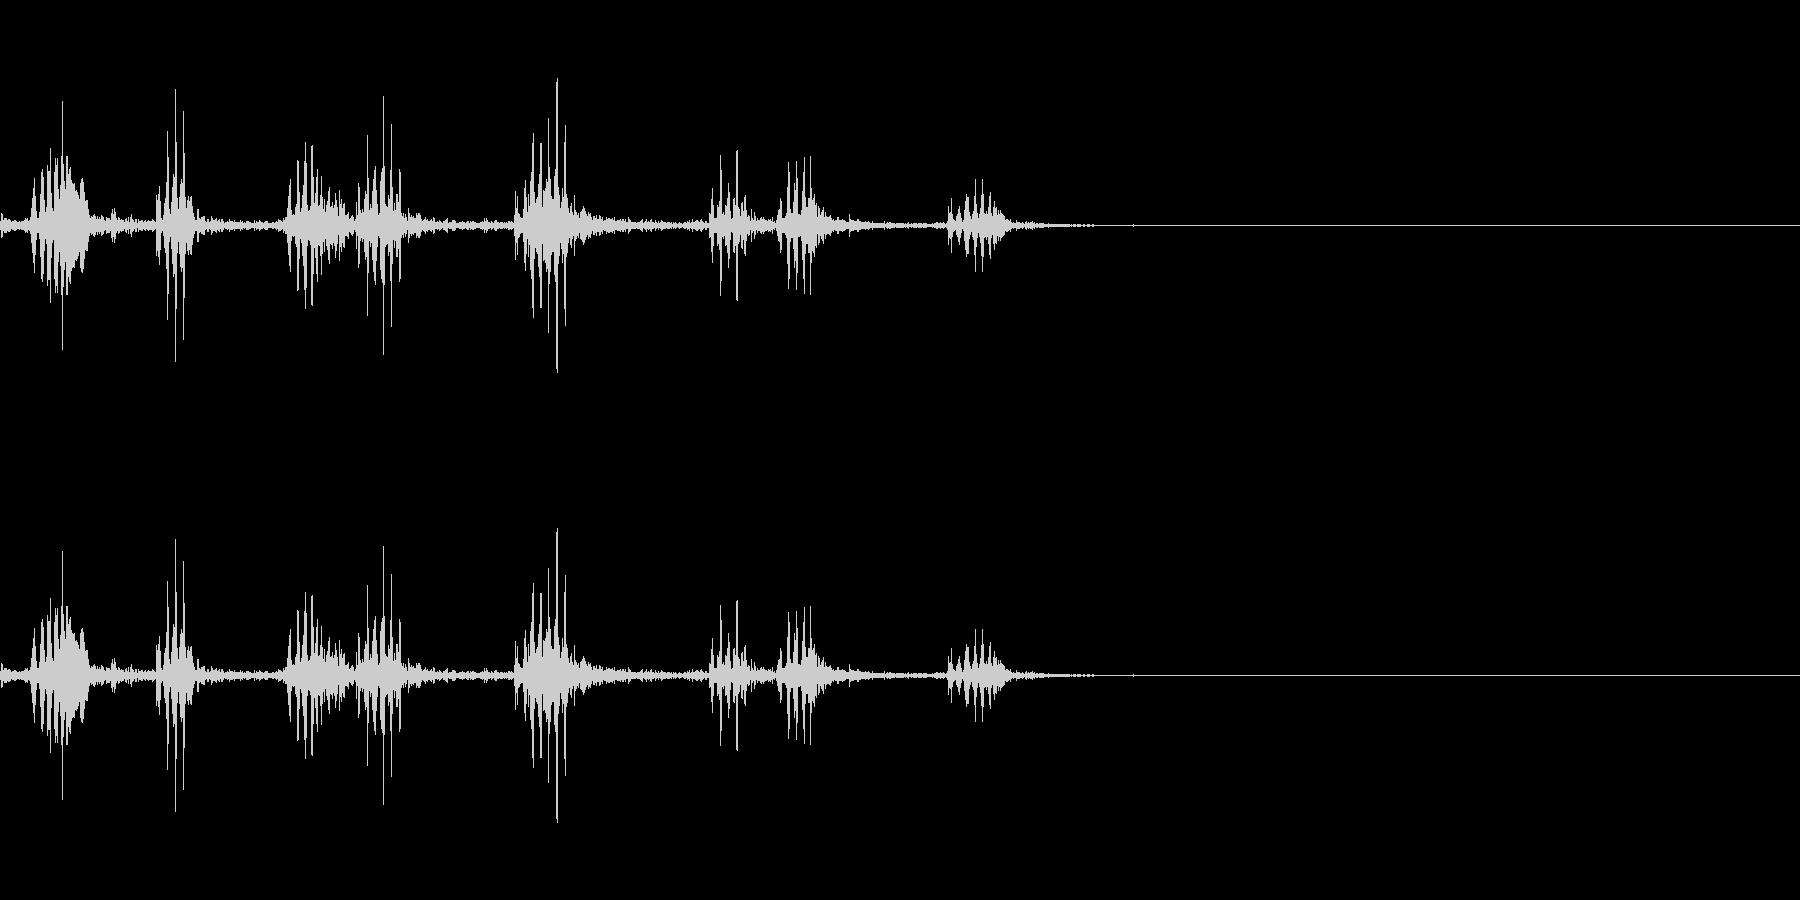 チリーフラミンゴの鳴き声の未再生の波形